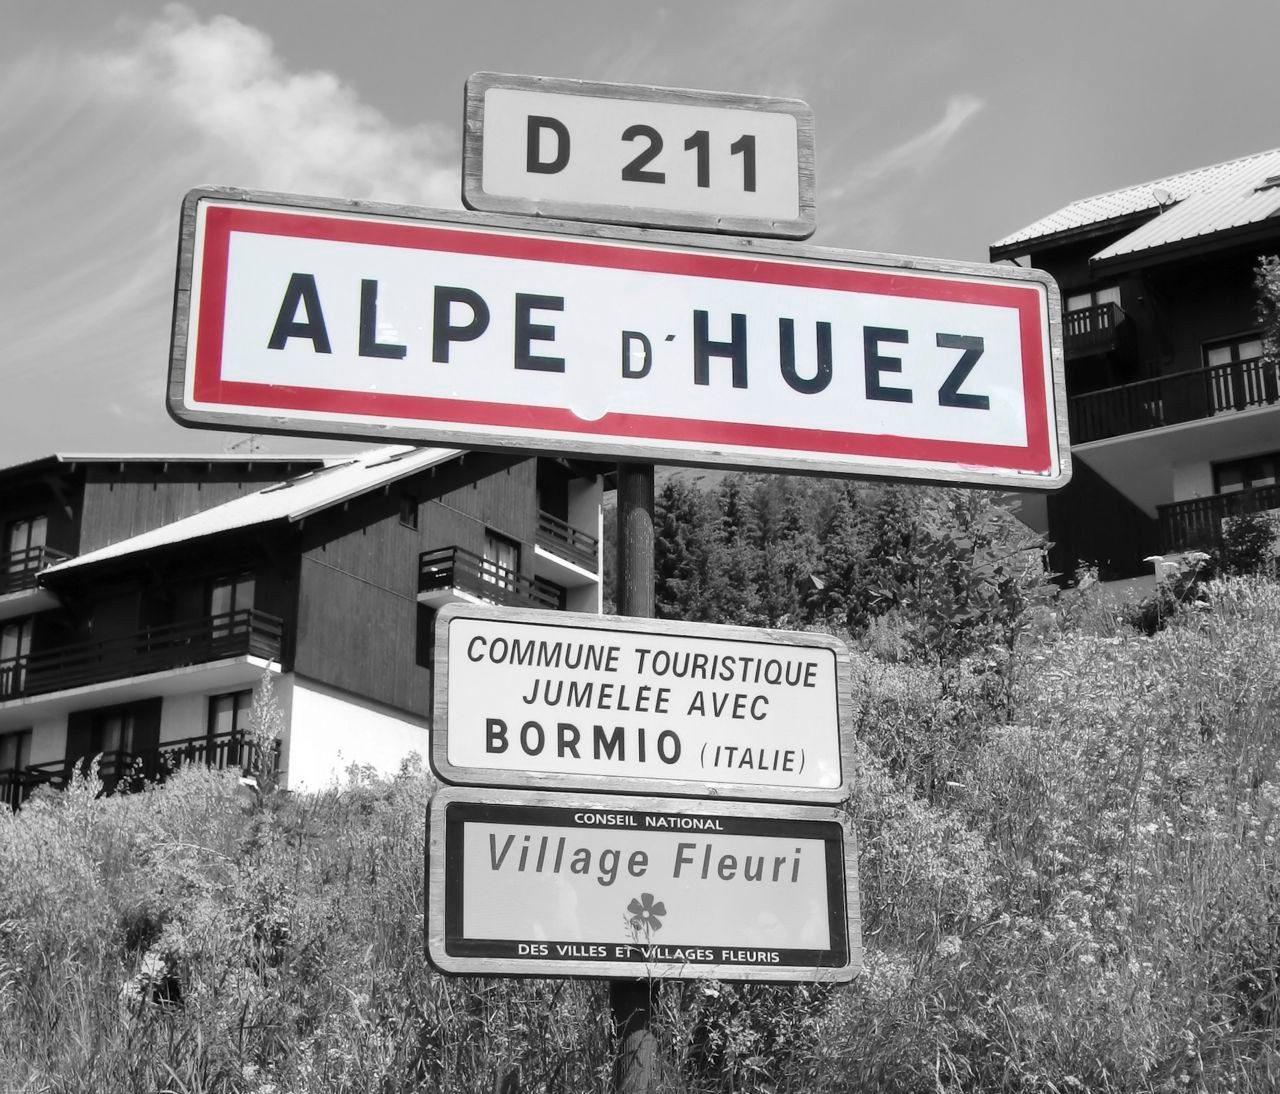 Sign for Alpe d'Huez